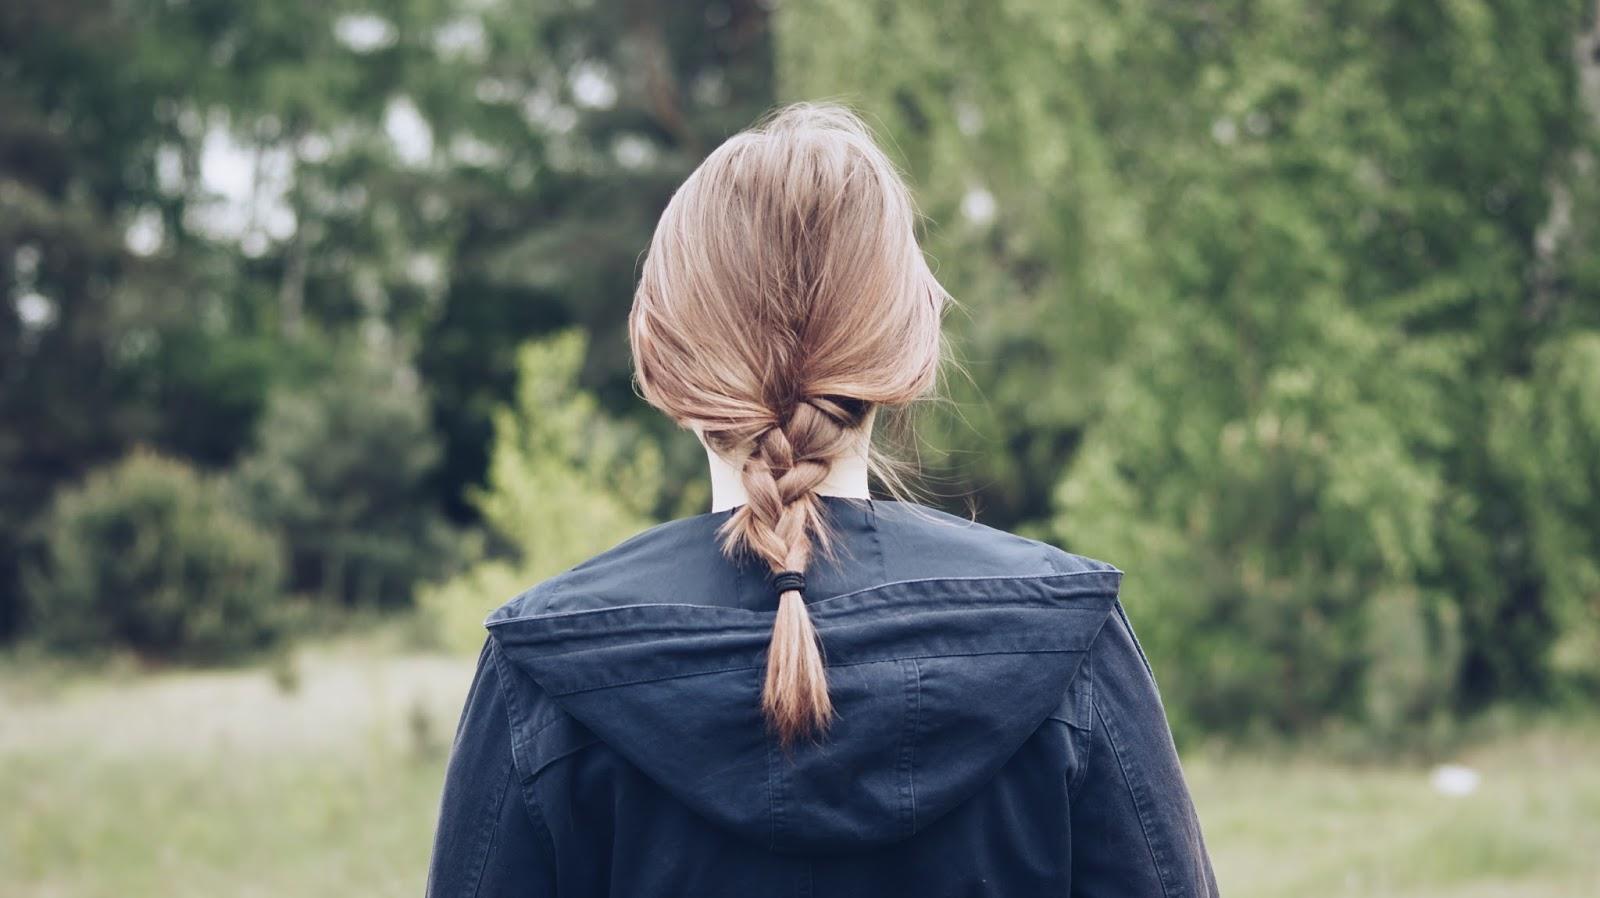 fotografia, zdjęcia, inspiracje, maj, wakacje, sesja, plener, kurtka, parka, zieleń, wiosna, warkocz, fryzura,